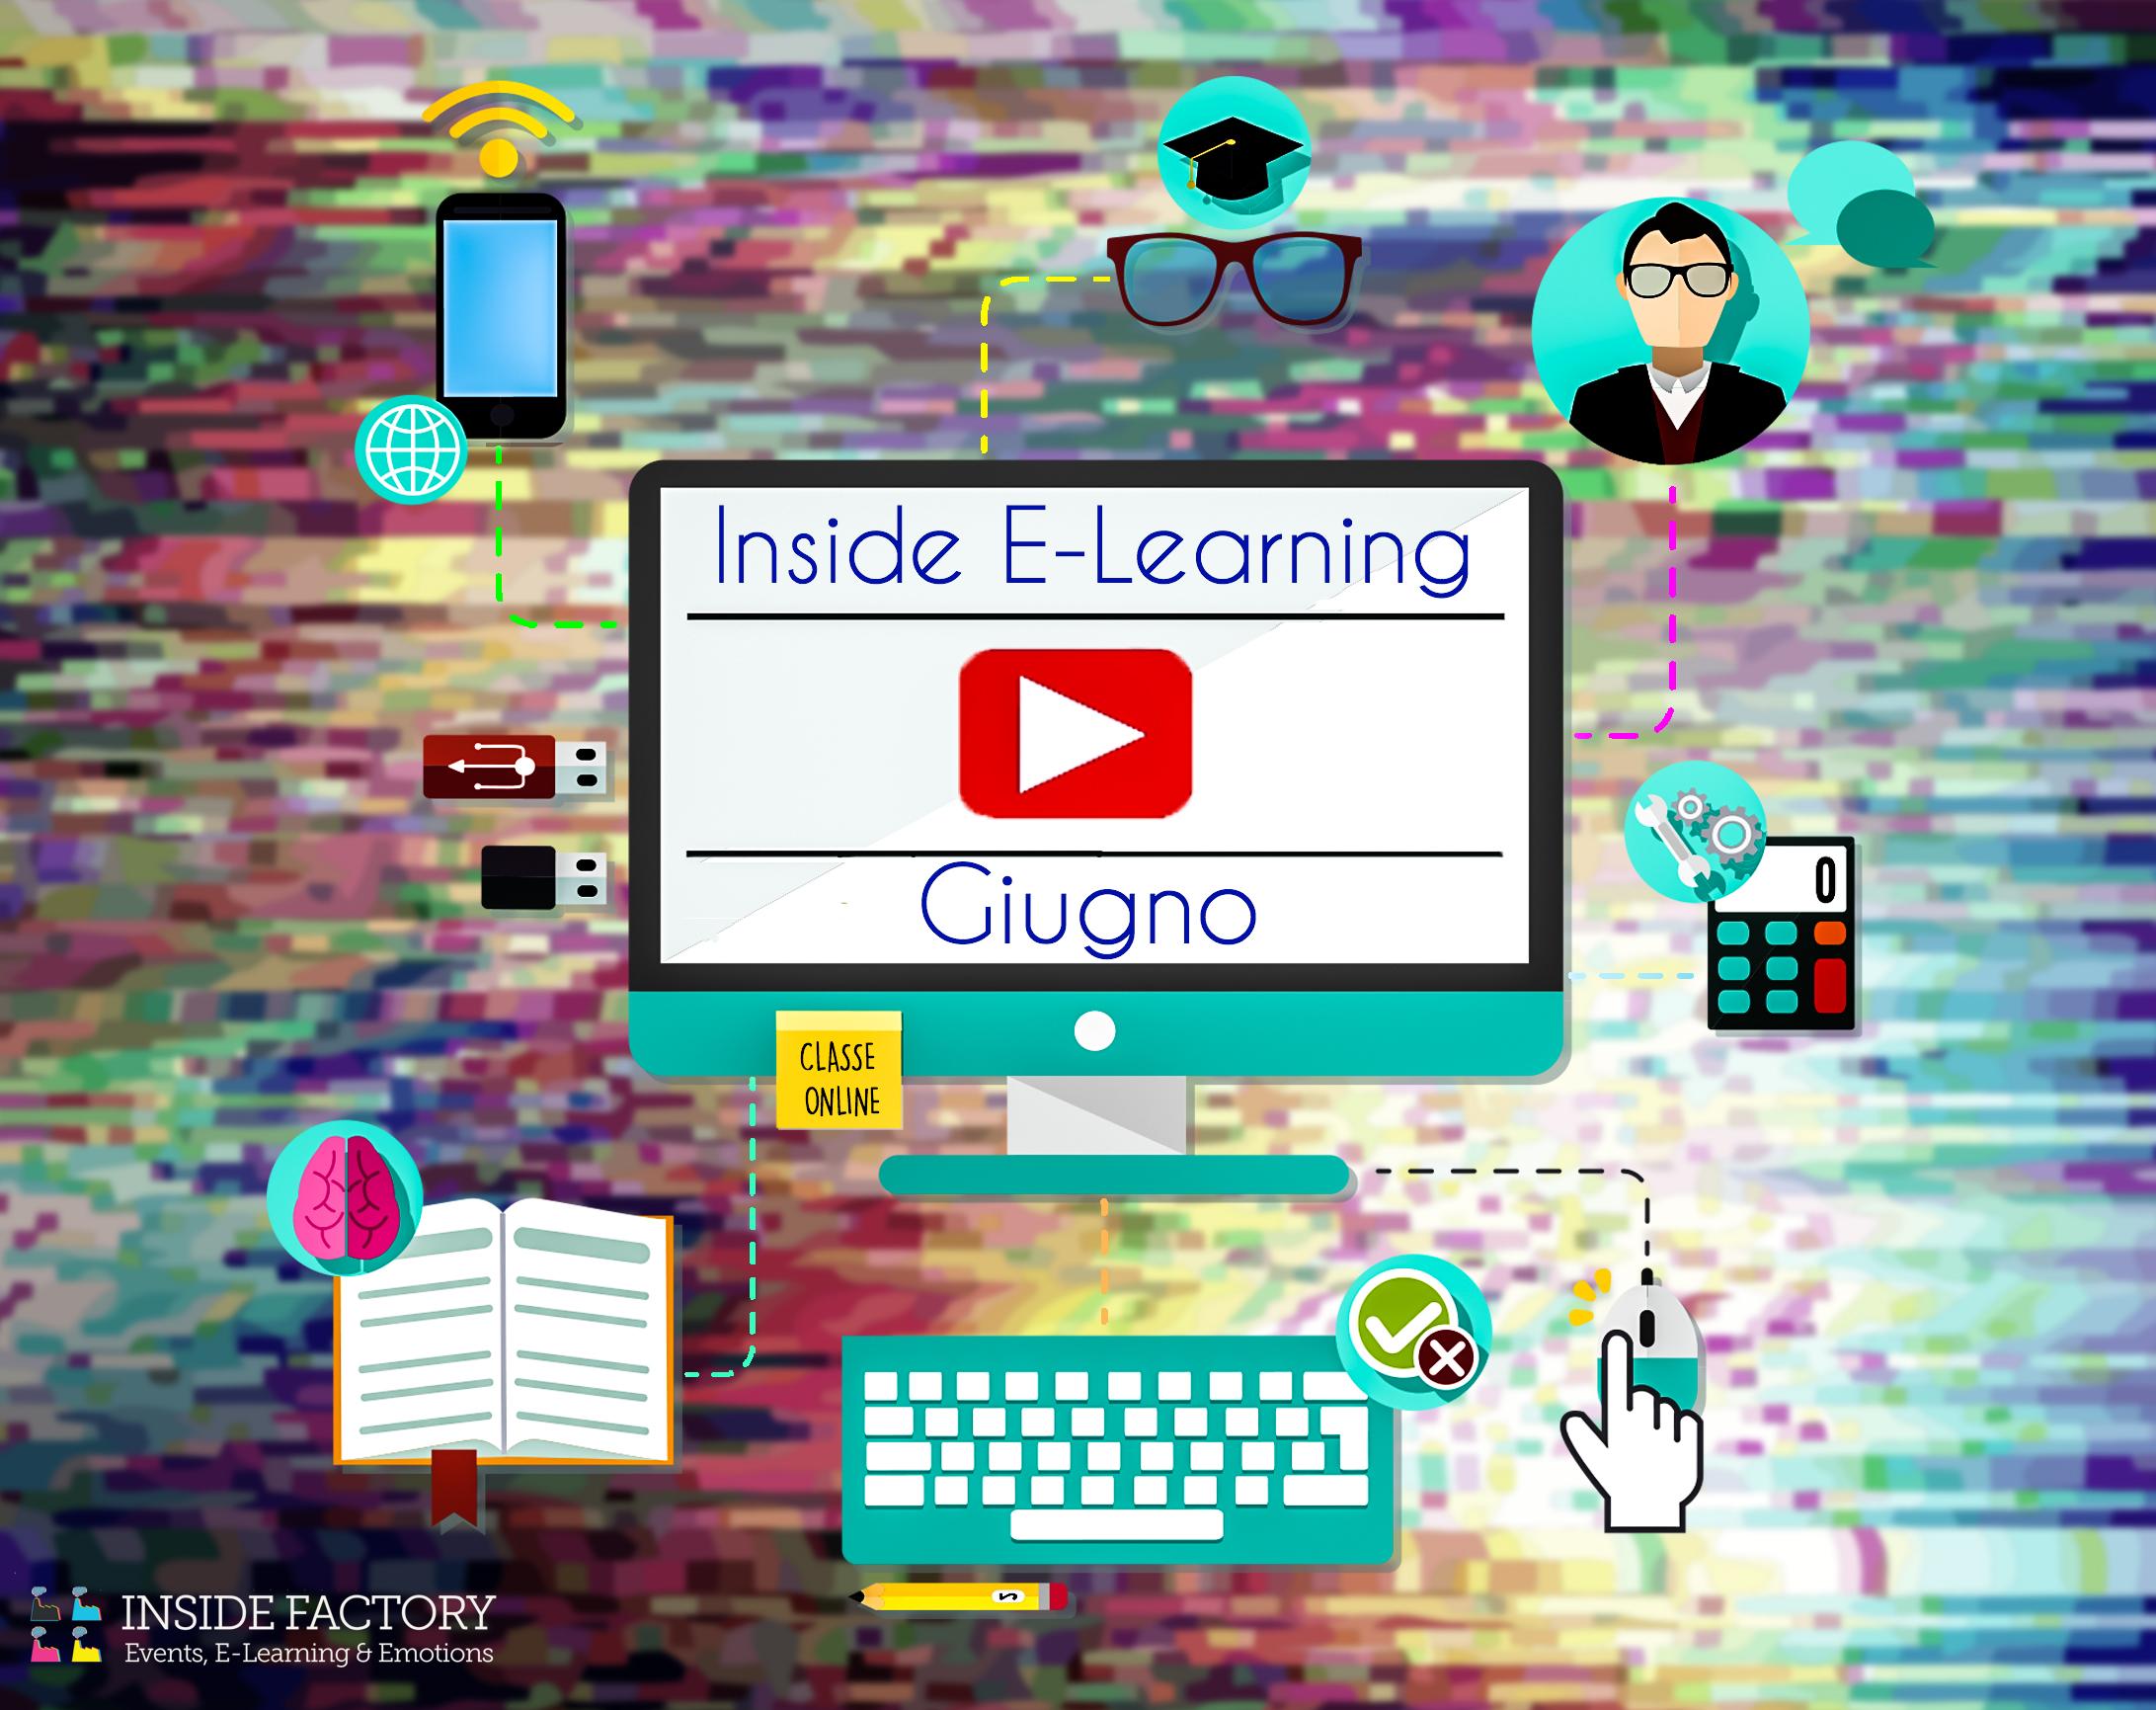 Torna l'appuntamento con l'apprendimento virtuale promosso da Inside Factory.Tutto sull'ICT in 9 webinar. Pillole formative fruibili in qualsiasi luogo, da ogni device Le sessioni sono sempre più specifiche, la formazione